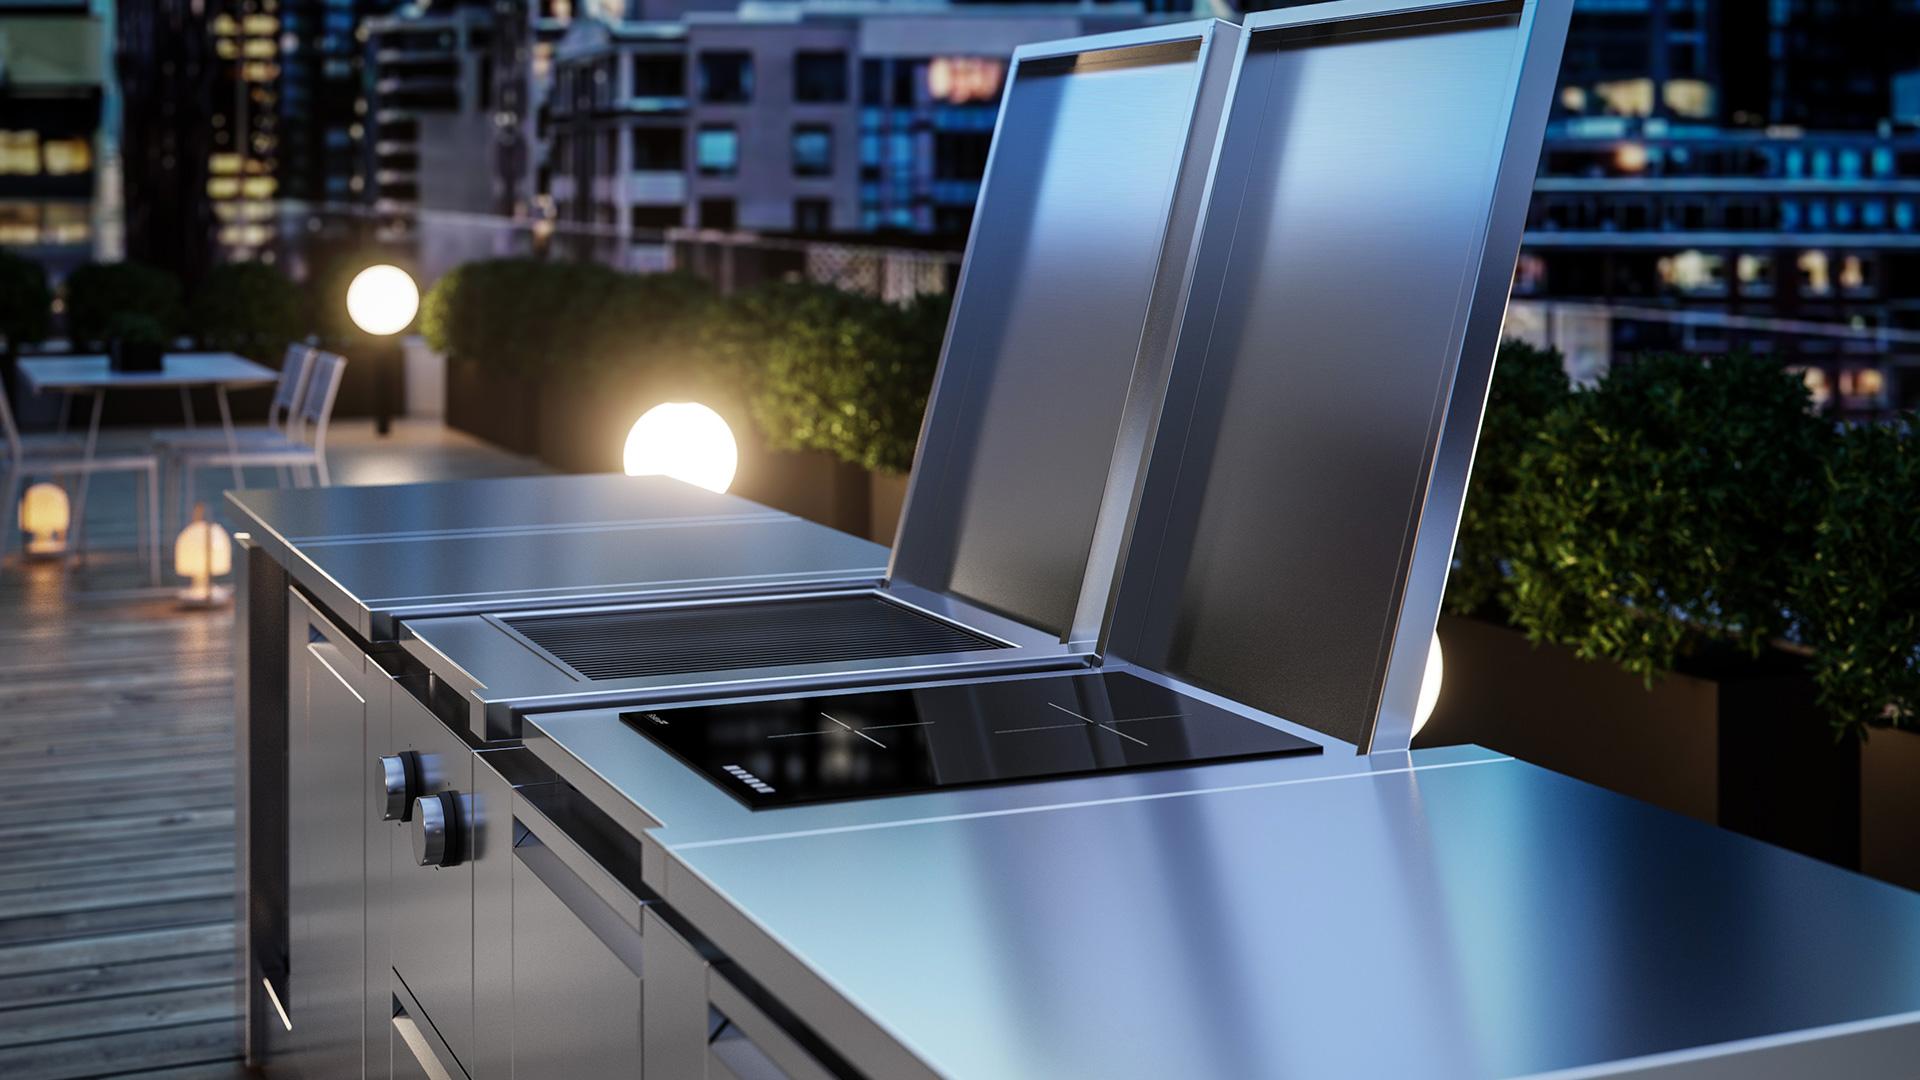 Cucine da esterno, cucine da giardino e terrazzo | ROK